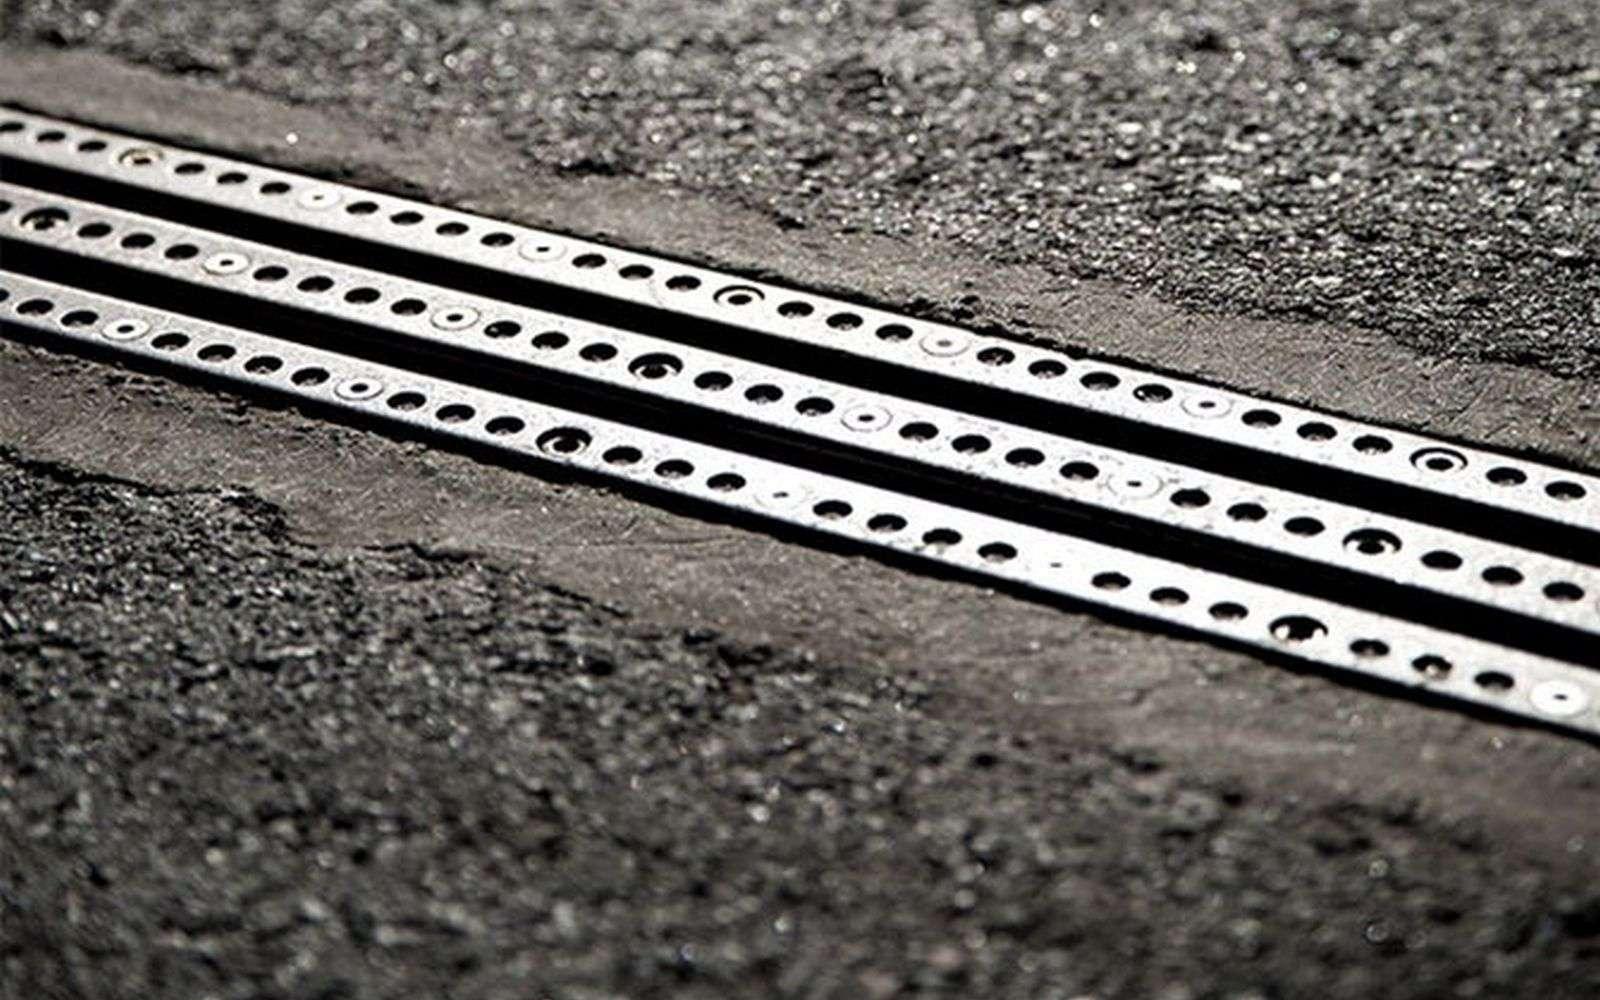 Le rail électrifié de eRoadArlanda, la première route qui recharge les voitures électriques, est relié à la terre pour prévenir tout risque d'électrocution. © eRoadArlanda